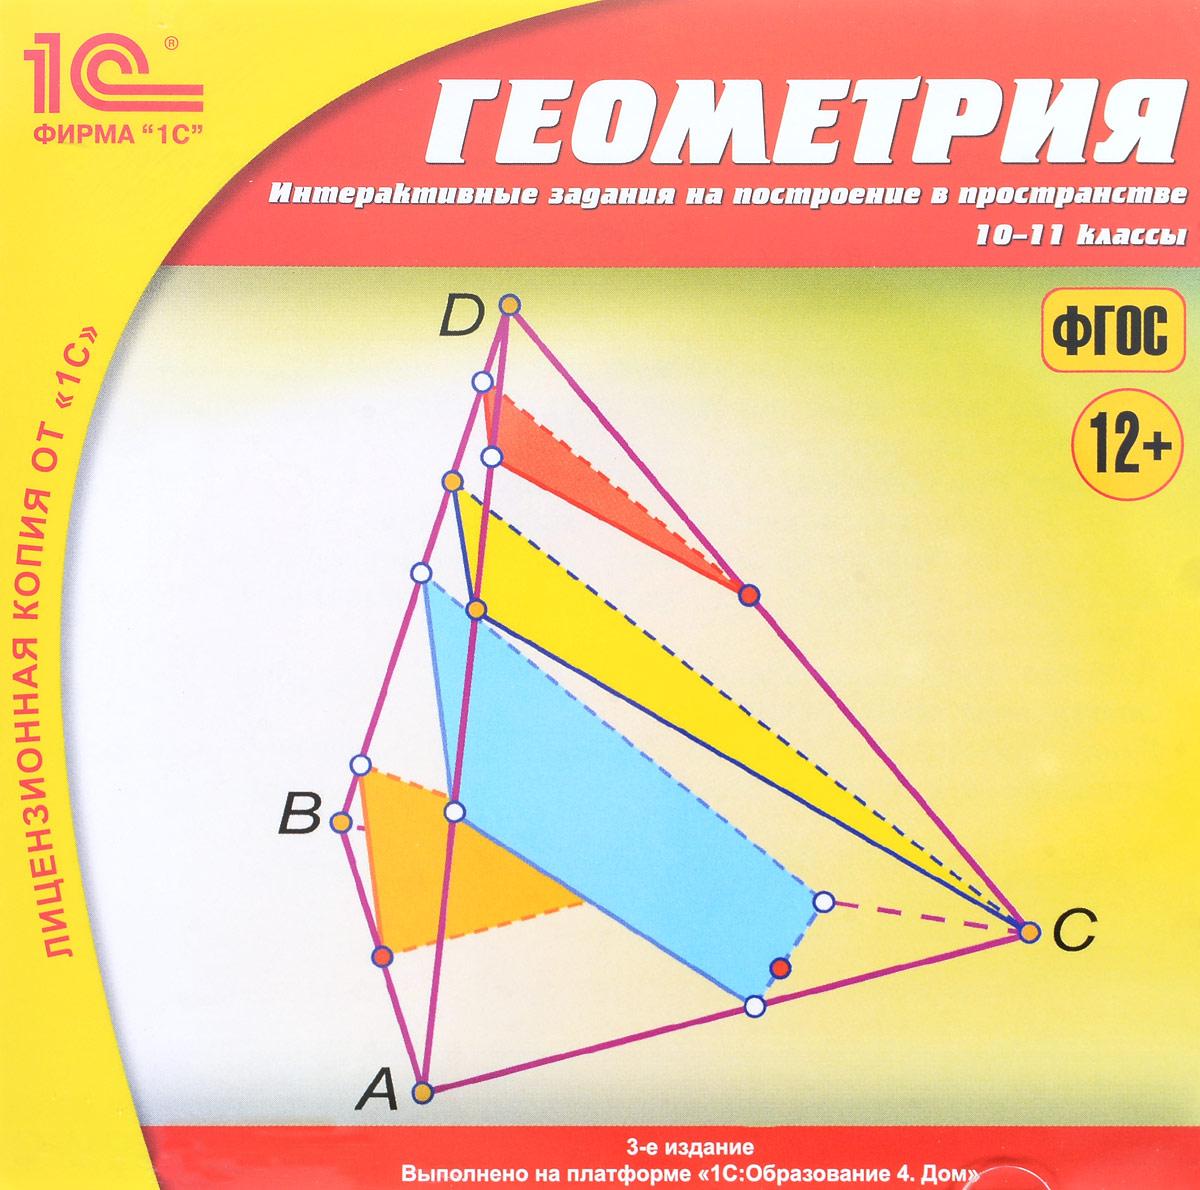 1С:Школа. Геометрия. Интерактивные задания на построение в пространстве. 10-11 классы